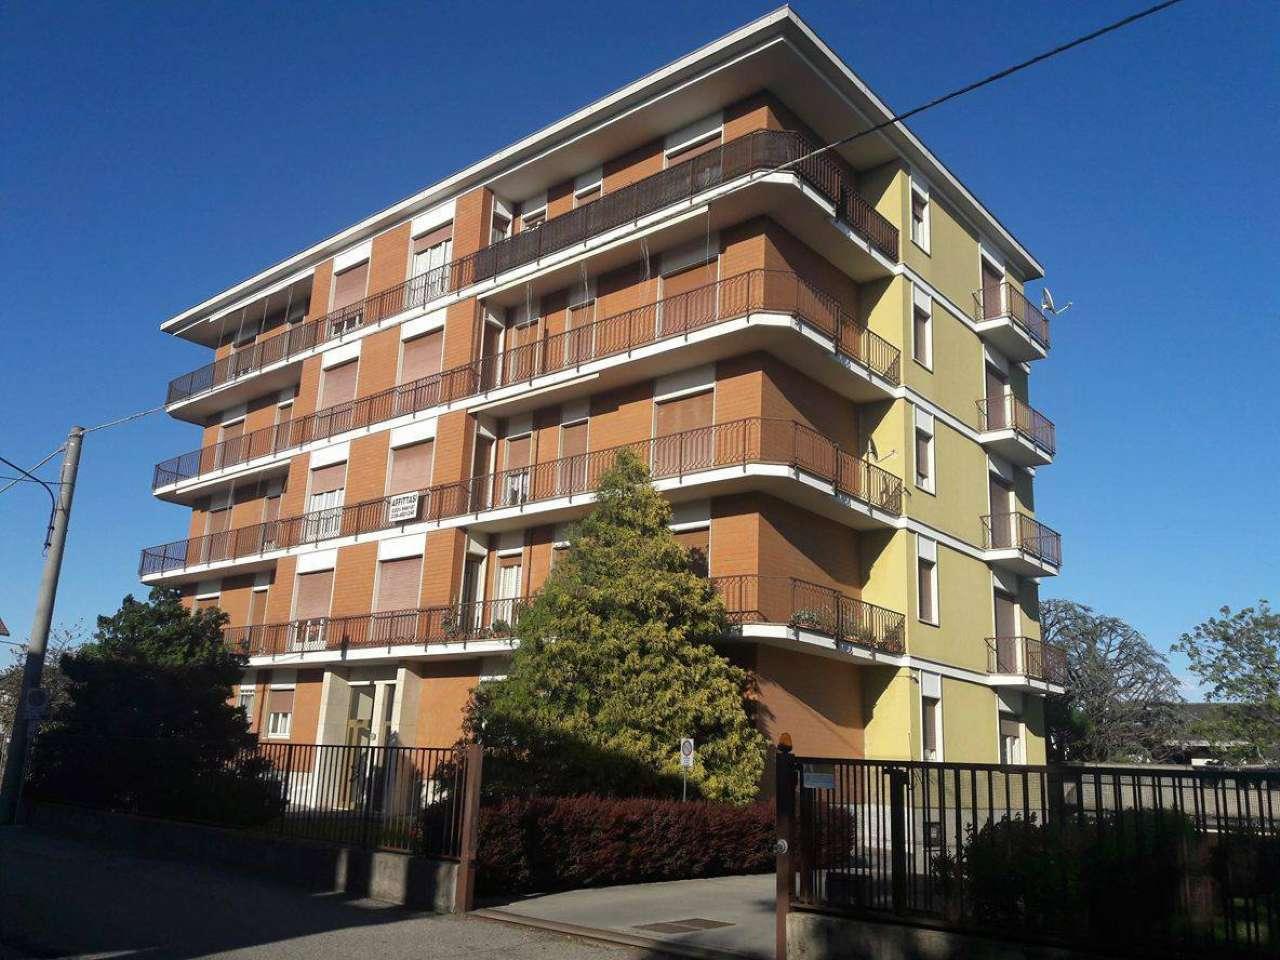 Appartamento in affitto a Lonate Pozzolo, 3 locali, prezzo € 350 | Cambio Casa.it